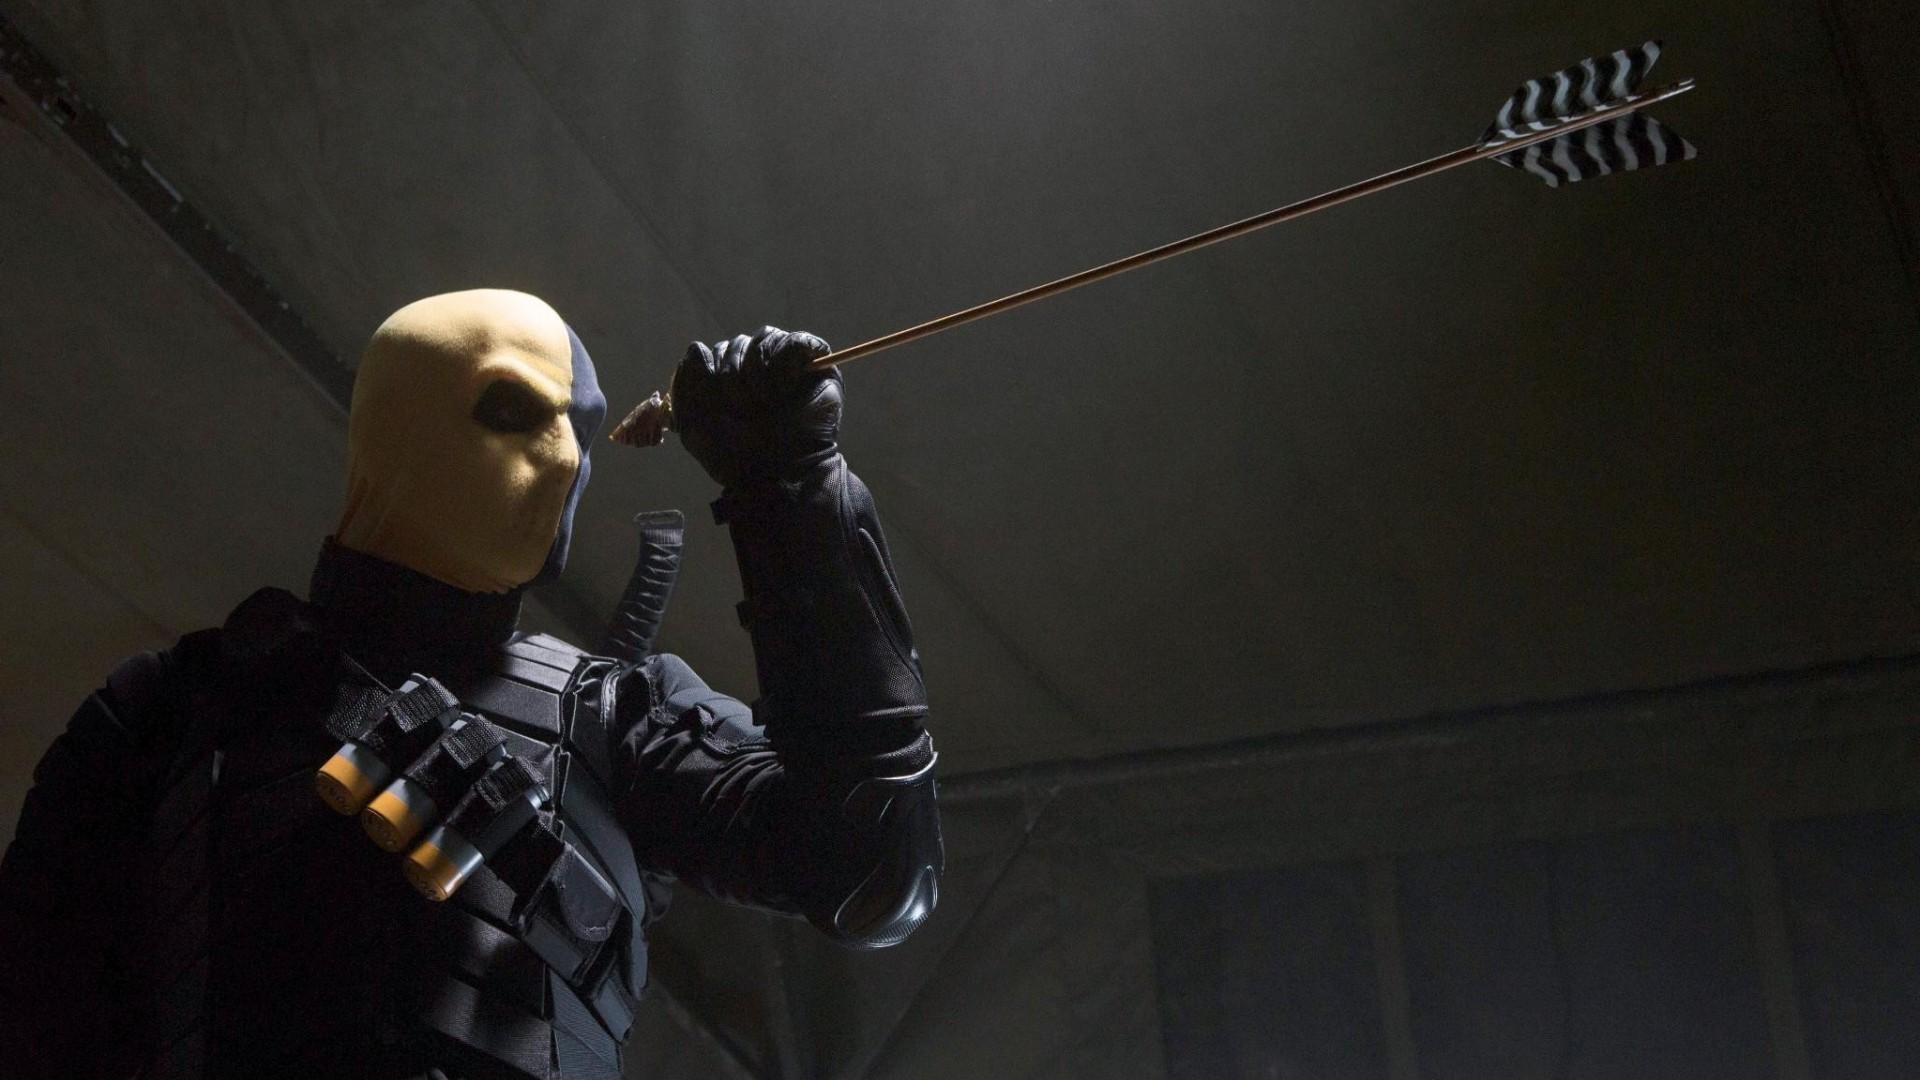 Arrow, Deathstroke, Slade Wilson